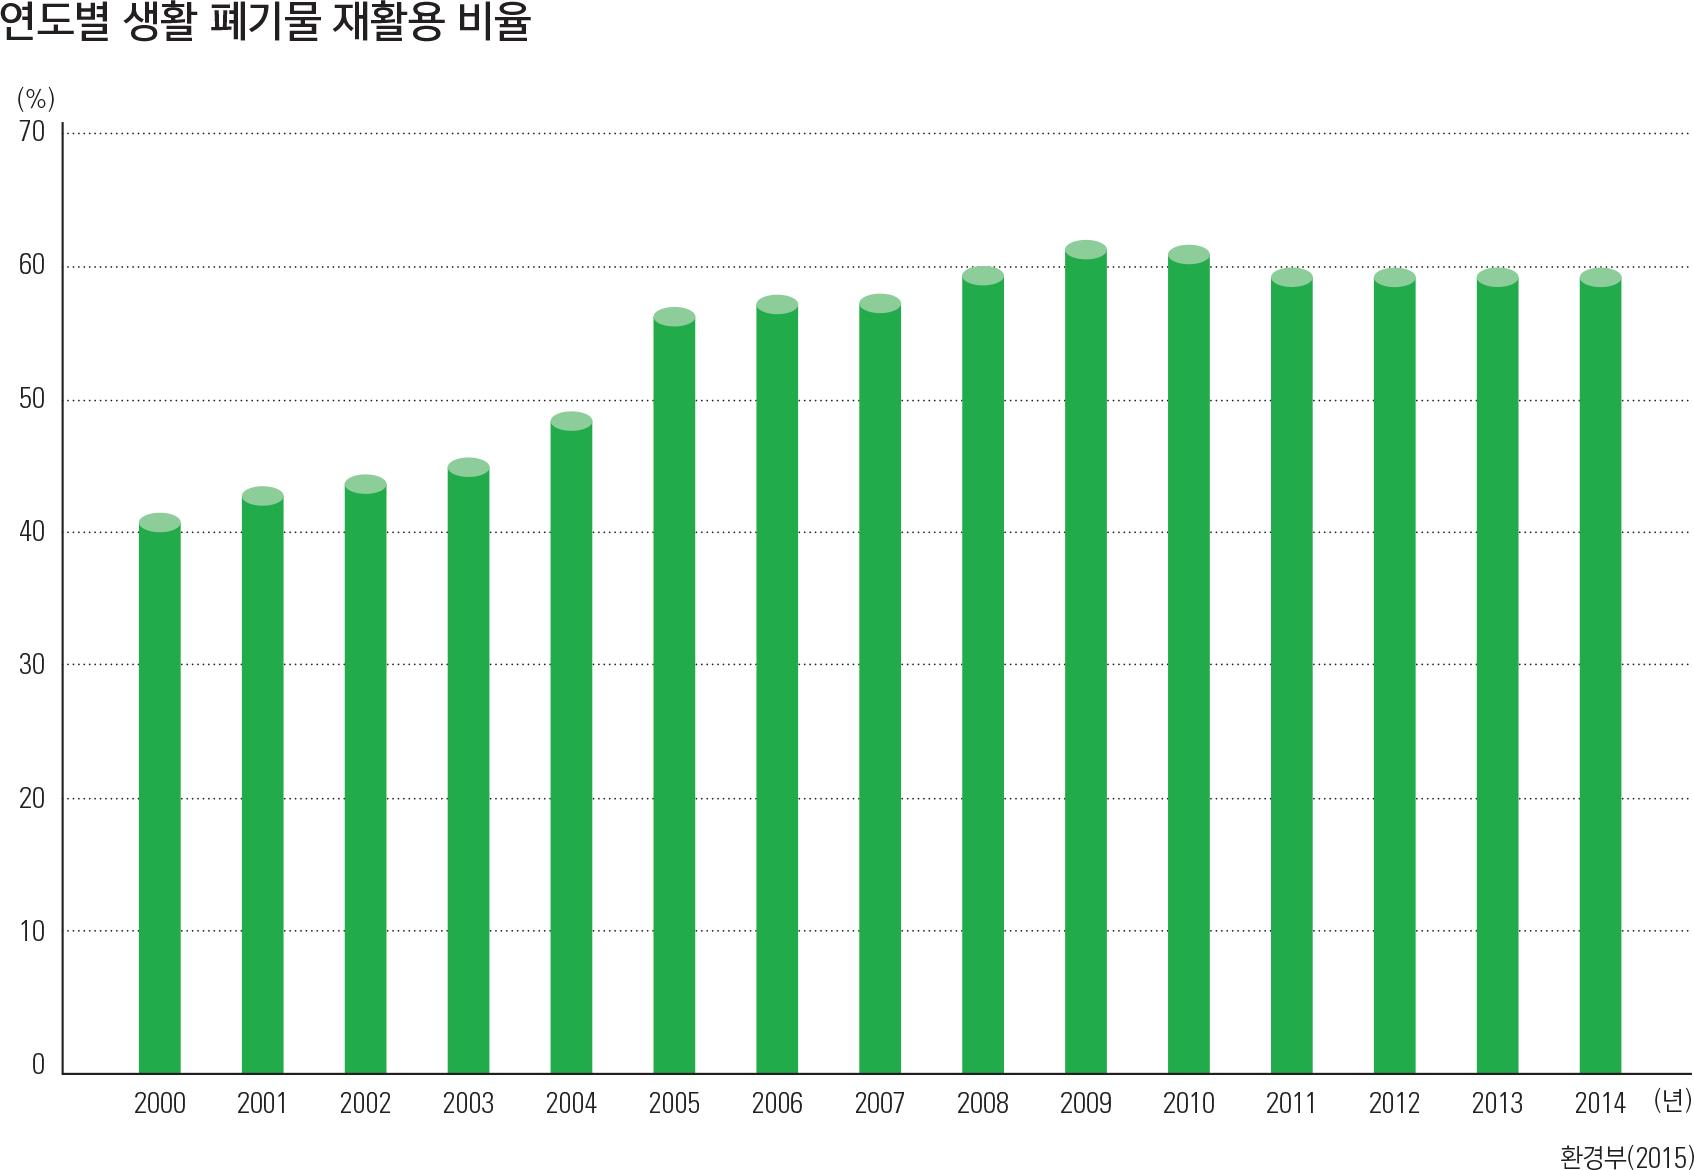 연도별 생활 폐기물 재활용 비율